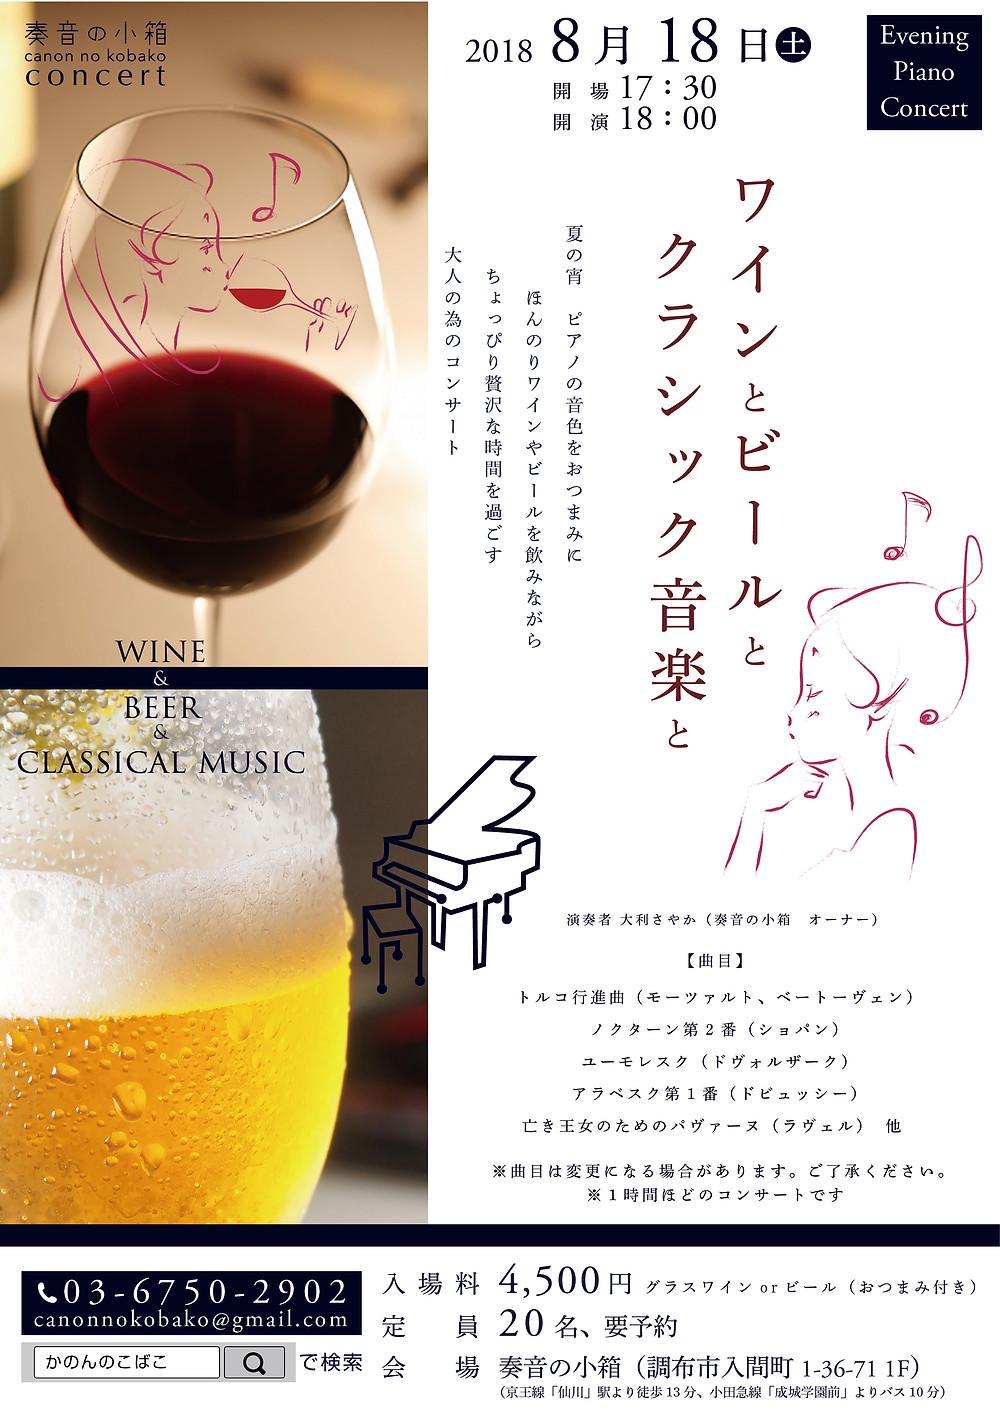 ワインとビールとクラシック音楽と